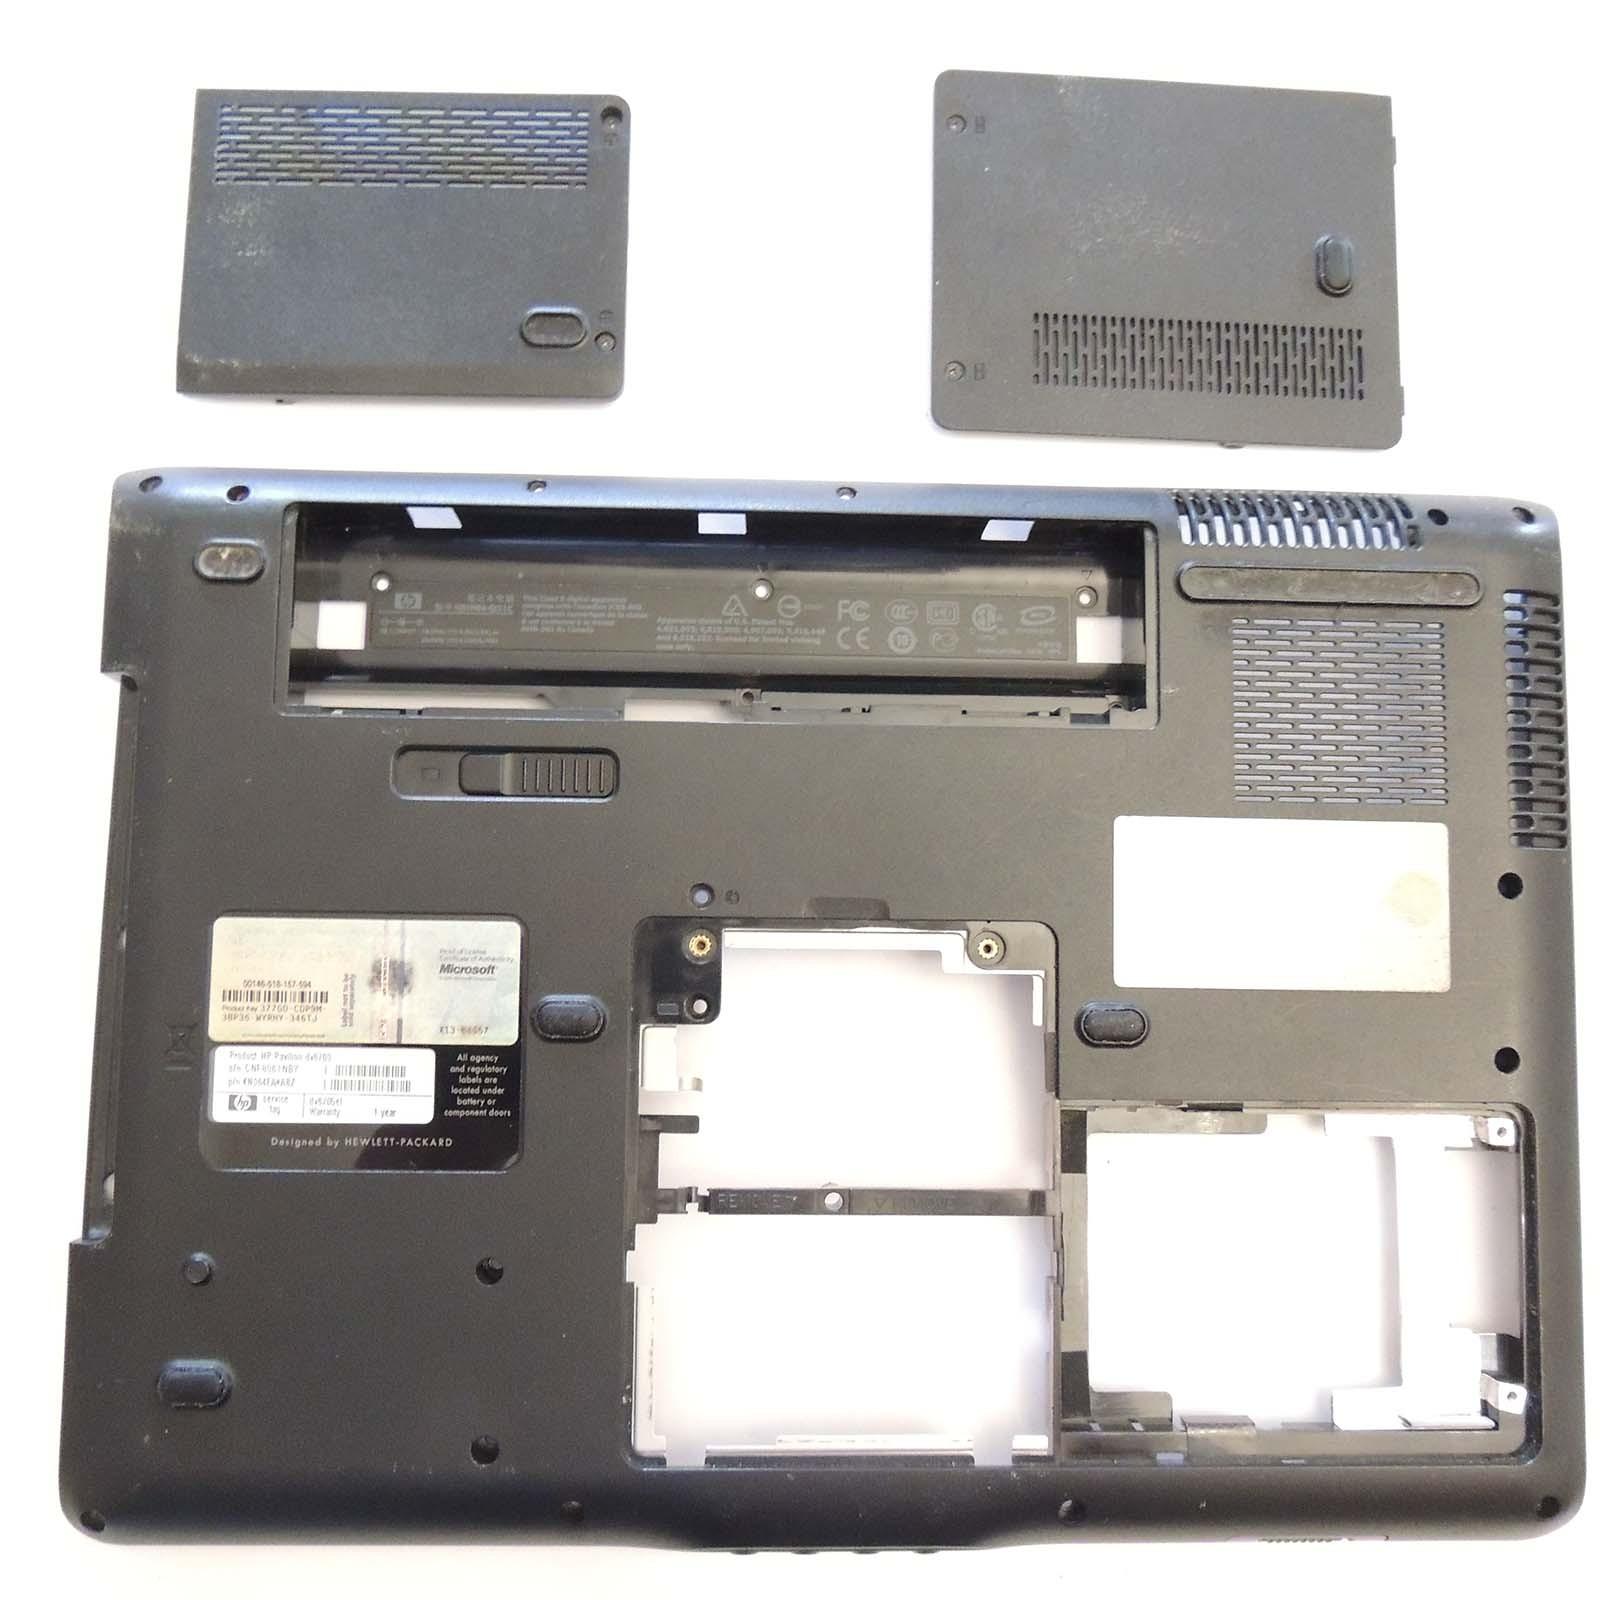 Scocca posteriore HP PAvilion DV6705el 446513-001 tappi RAM Hard disk